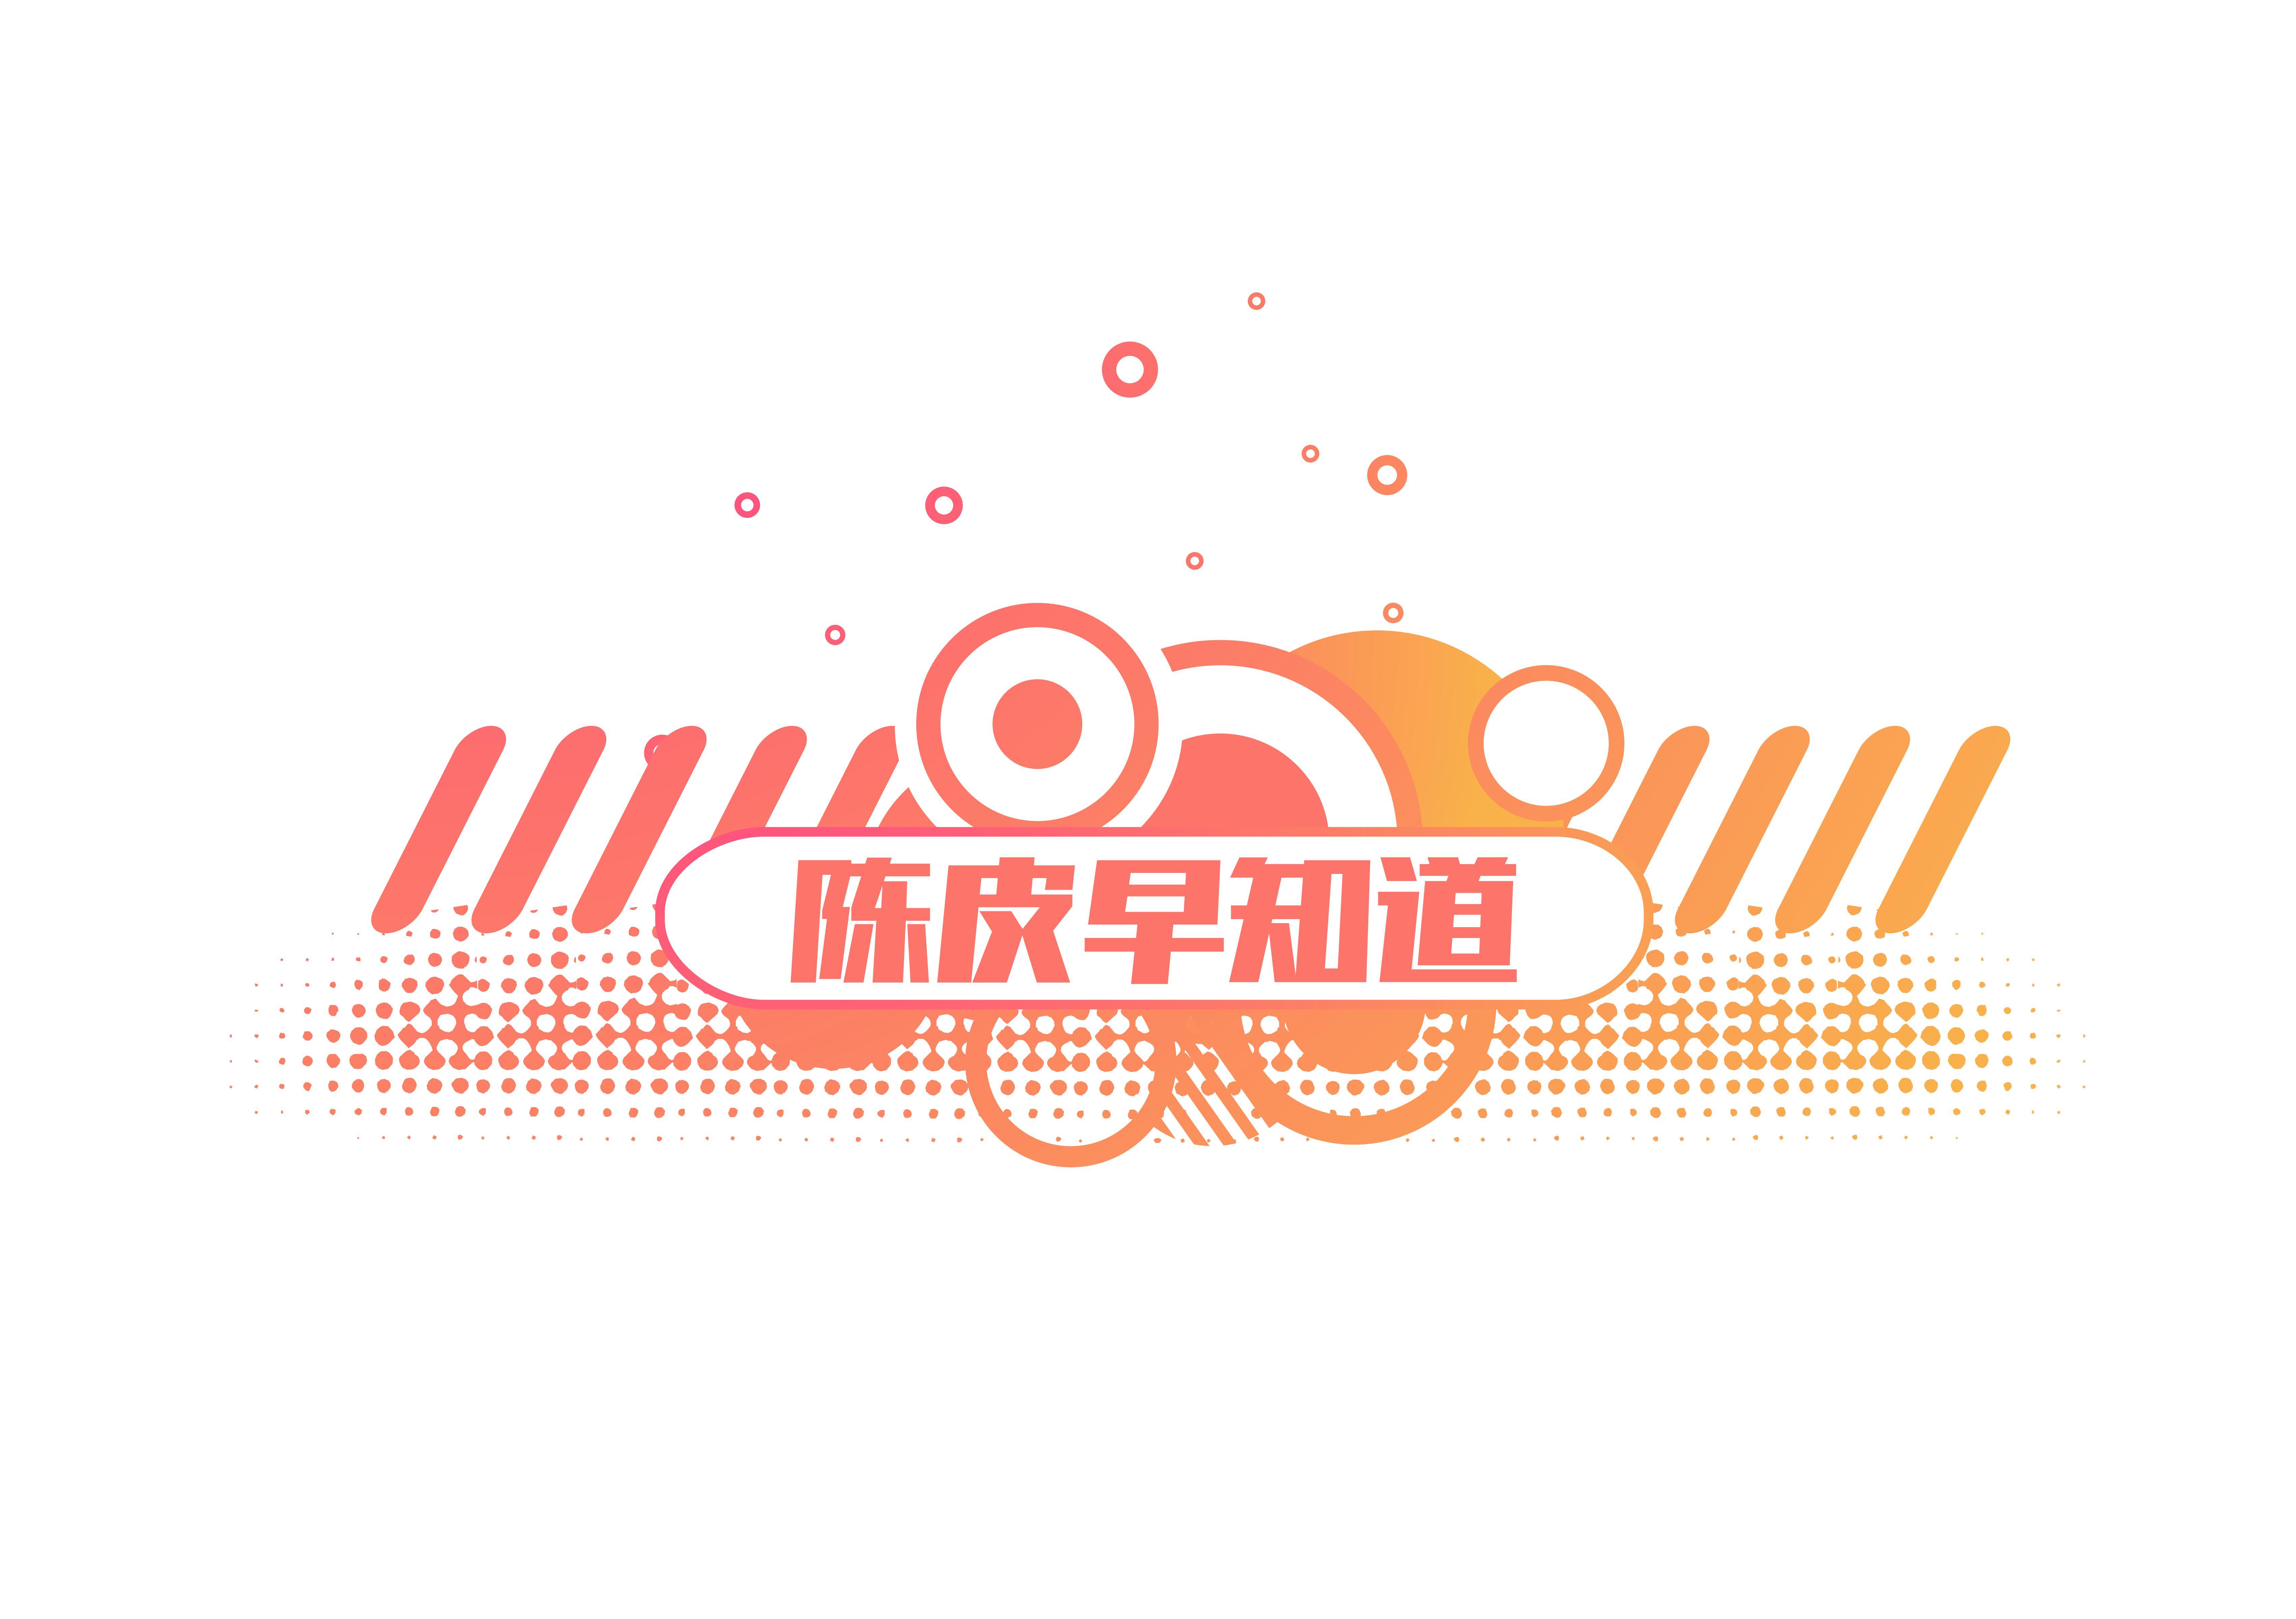 陈皮网标题_00.jpg